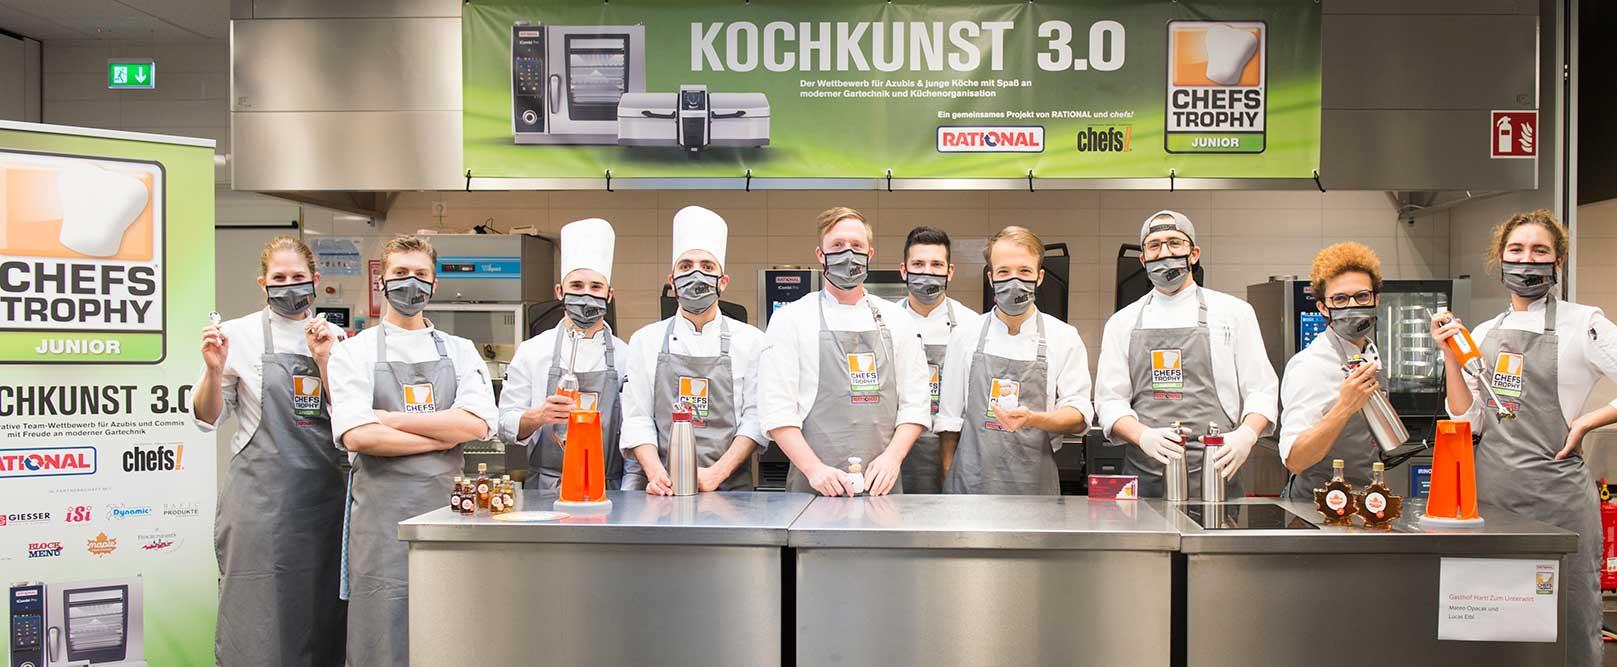 CHEFS TROPHY JUNIOR 2020 – Am Start für Kochkunst 3.0